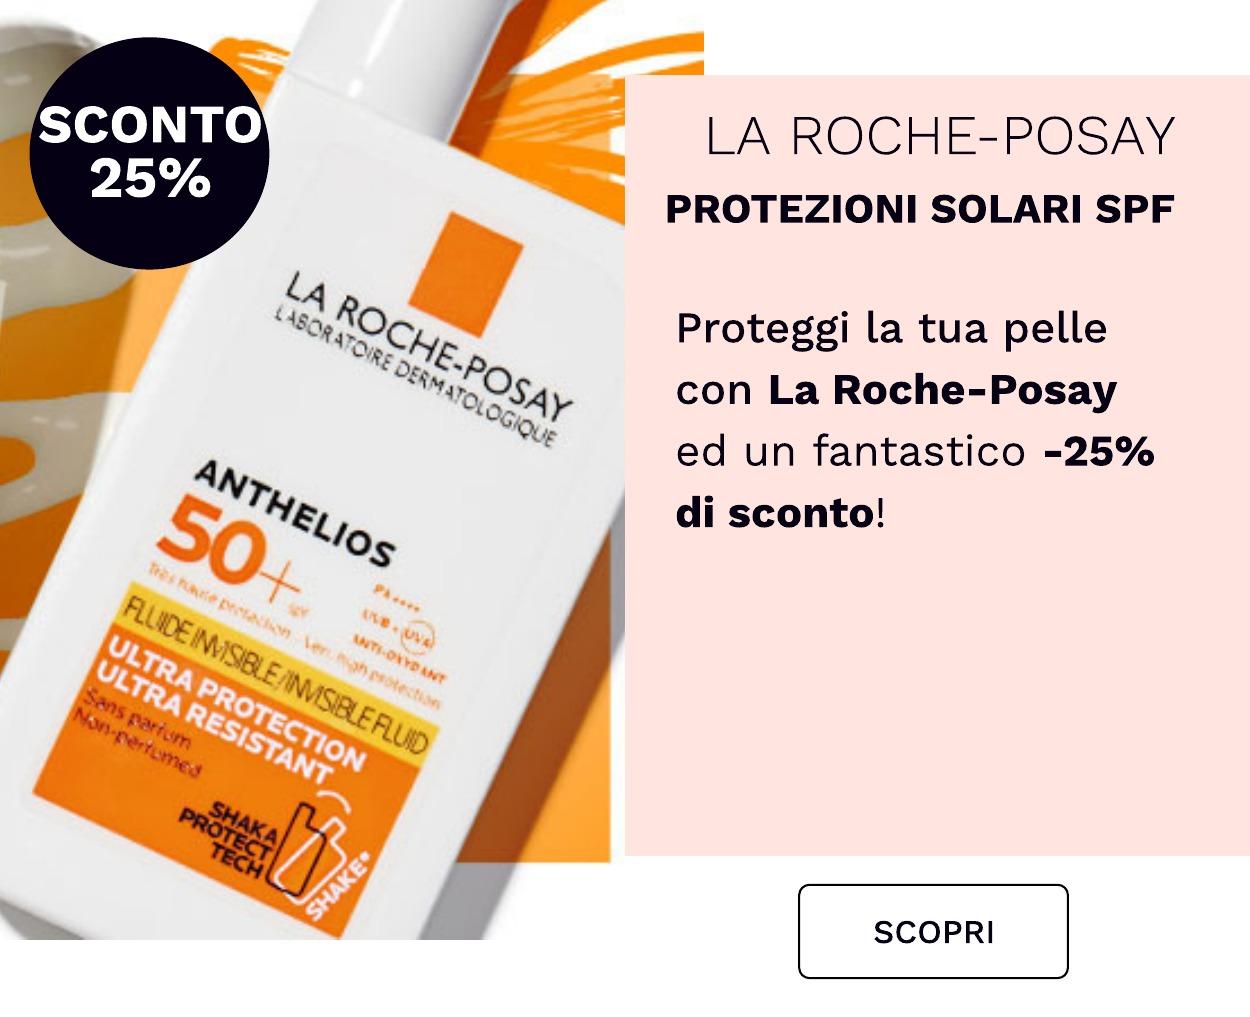 Sconto 25% su La Roche Posay